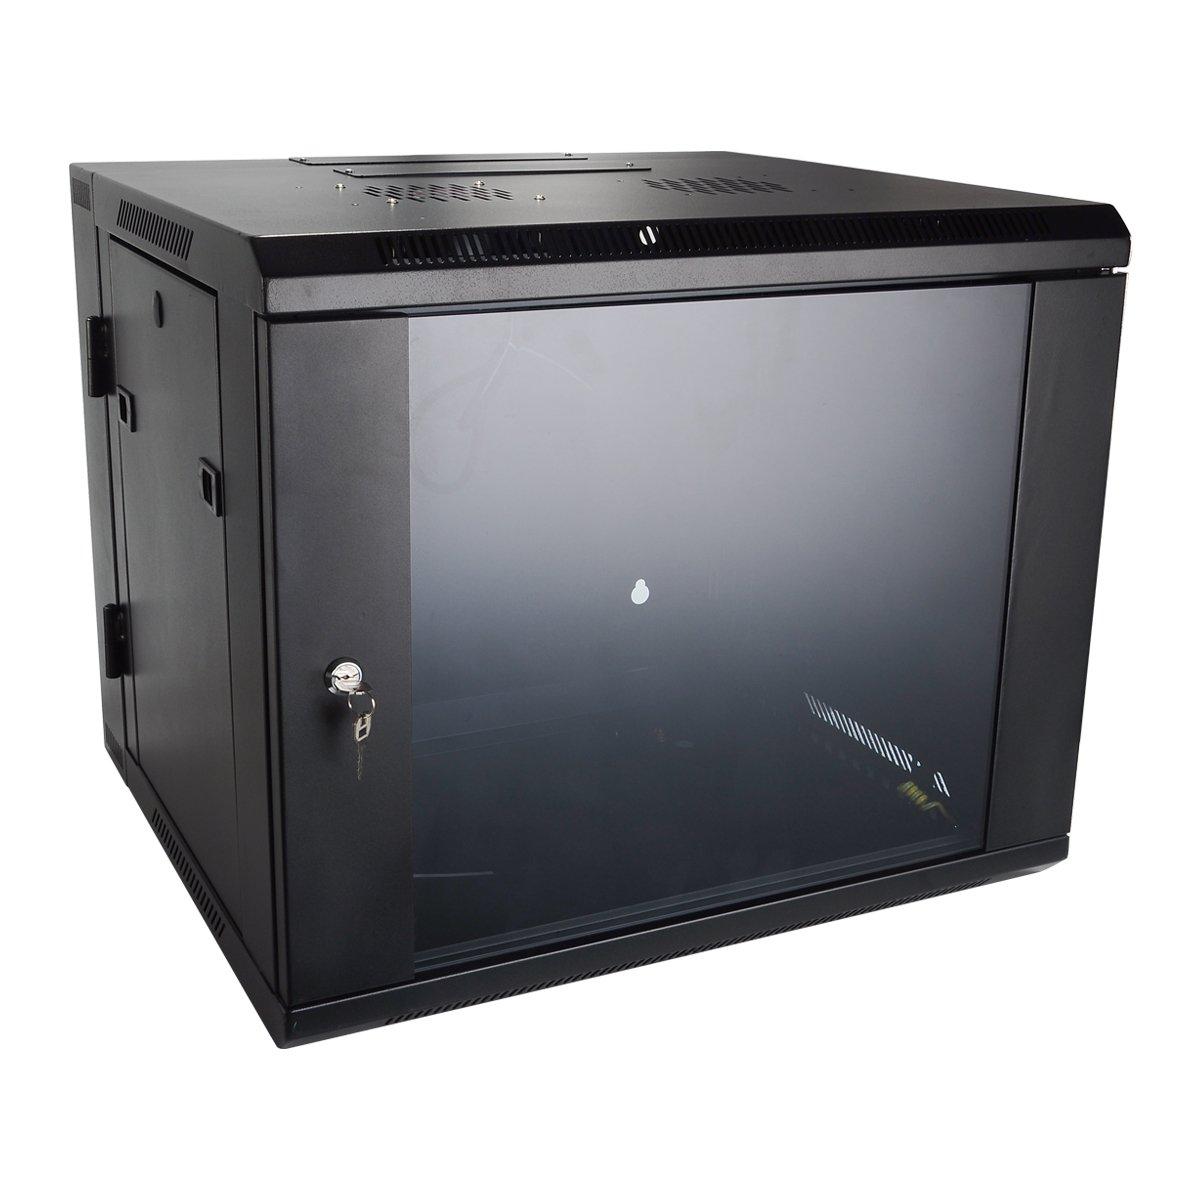 Wall Mount Server Cabinet 9U by Quicktec 19 Inch IT Server Network Rack Cabinet, Glass Door Lock w/ Fan (QTSC9U0002)